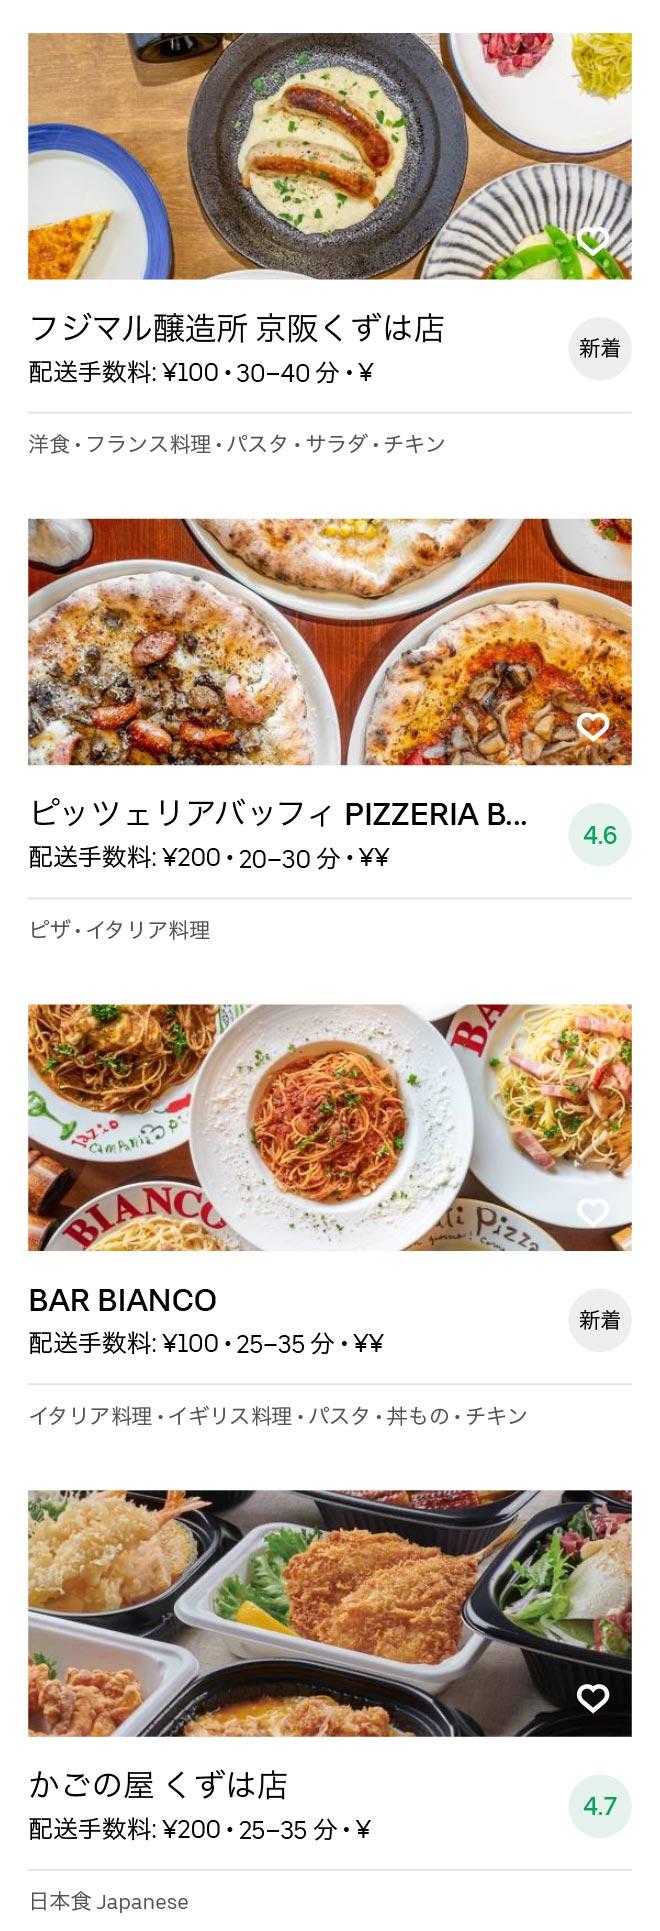 Kuzuha menu 2010 06